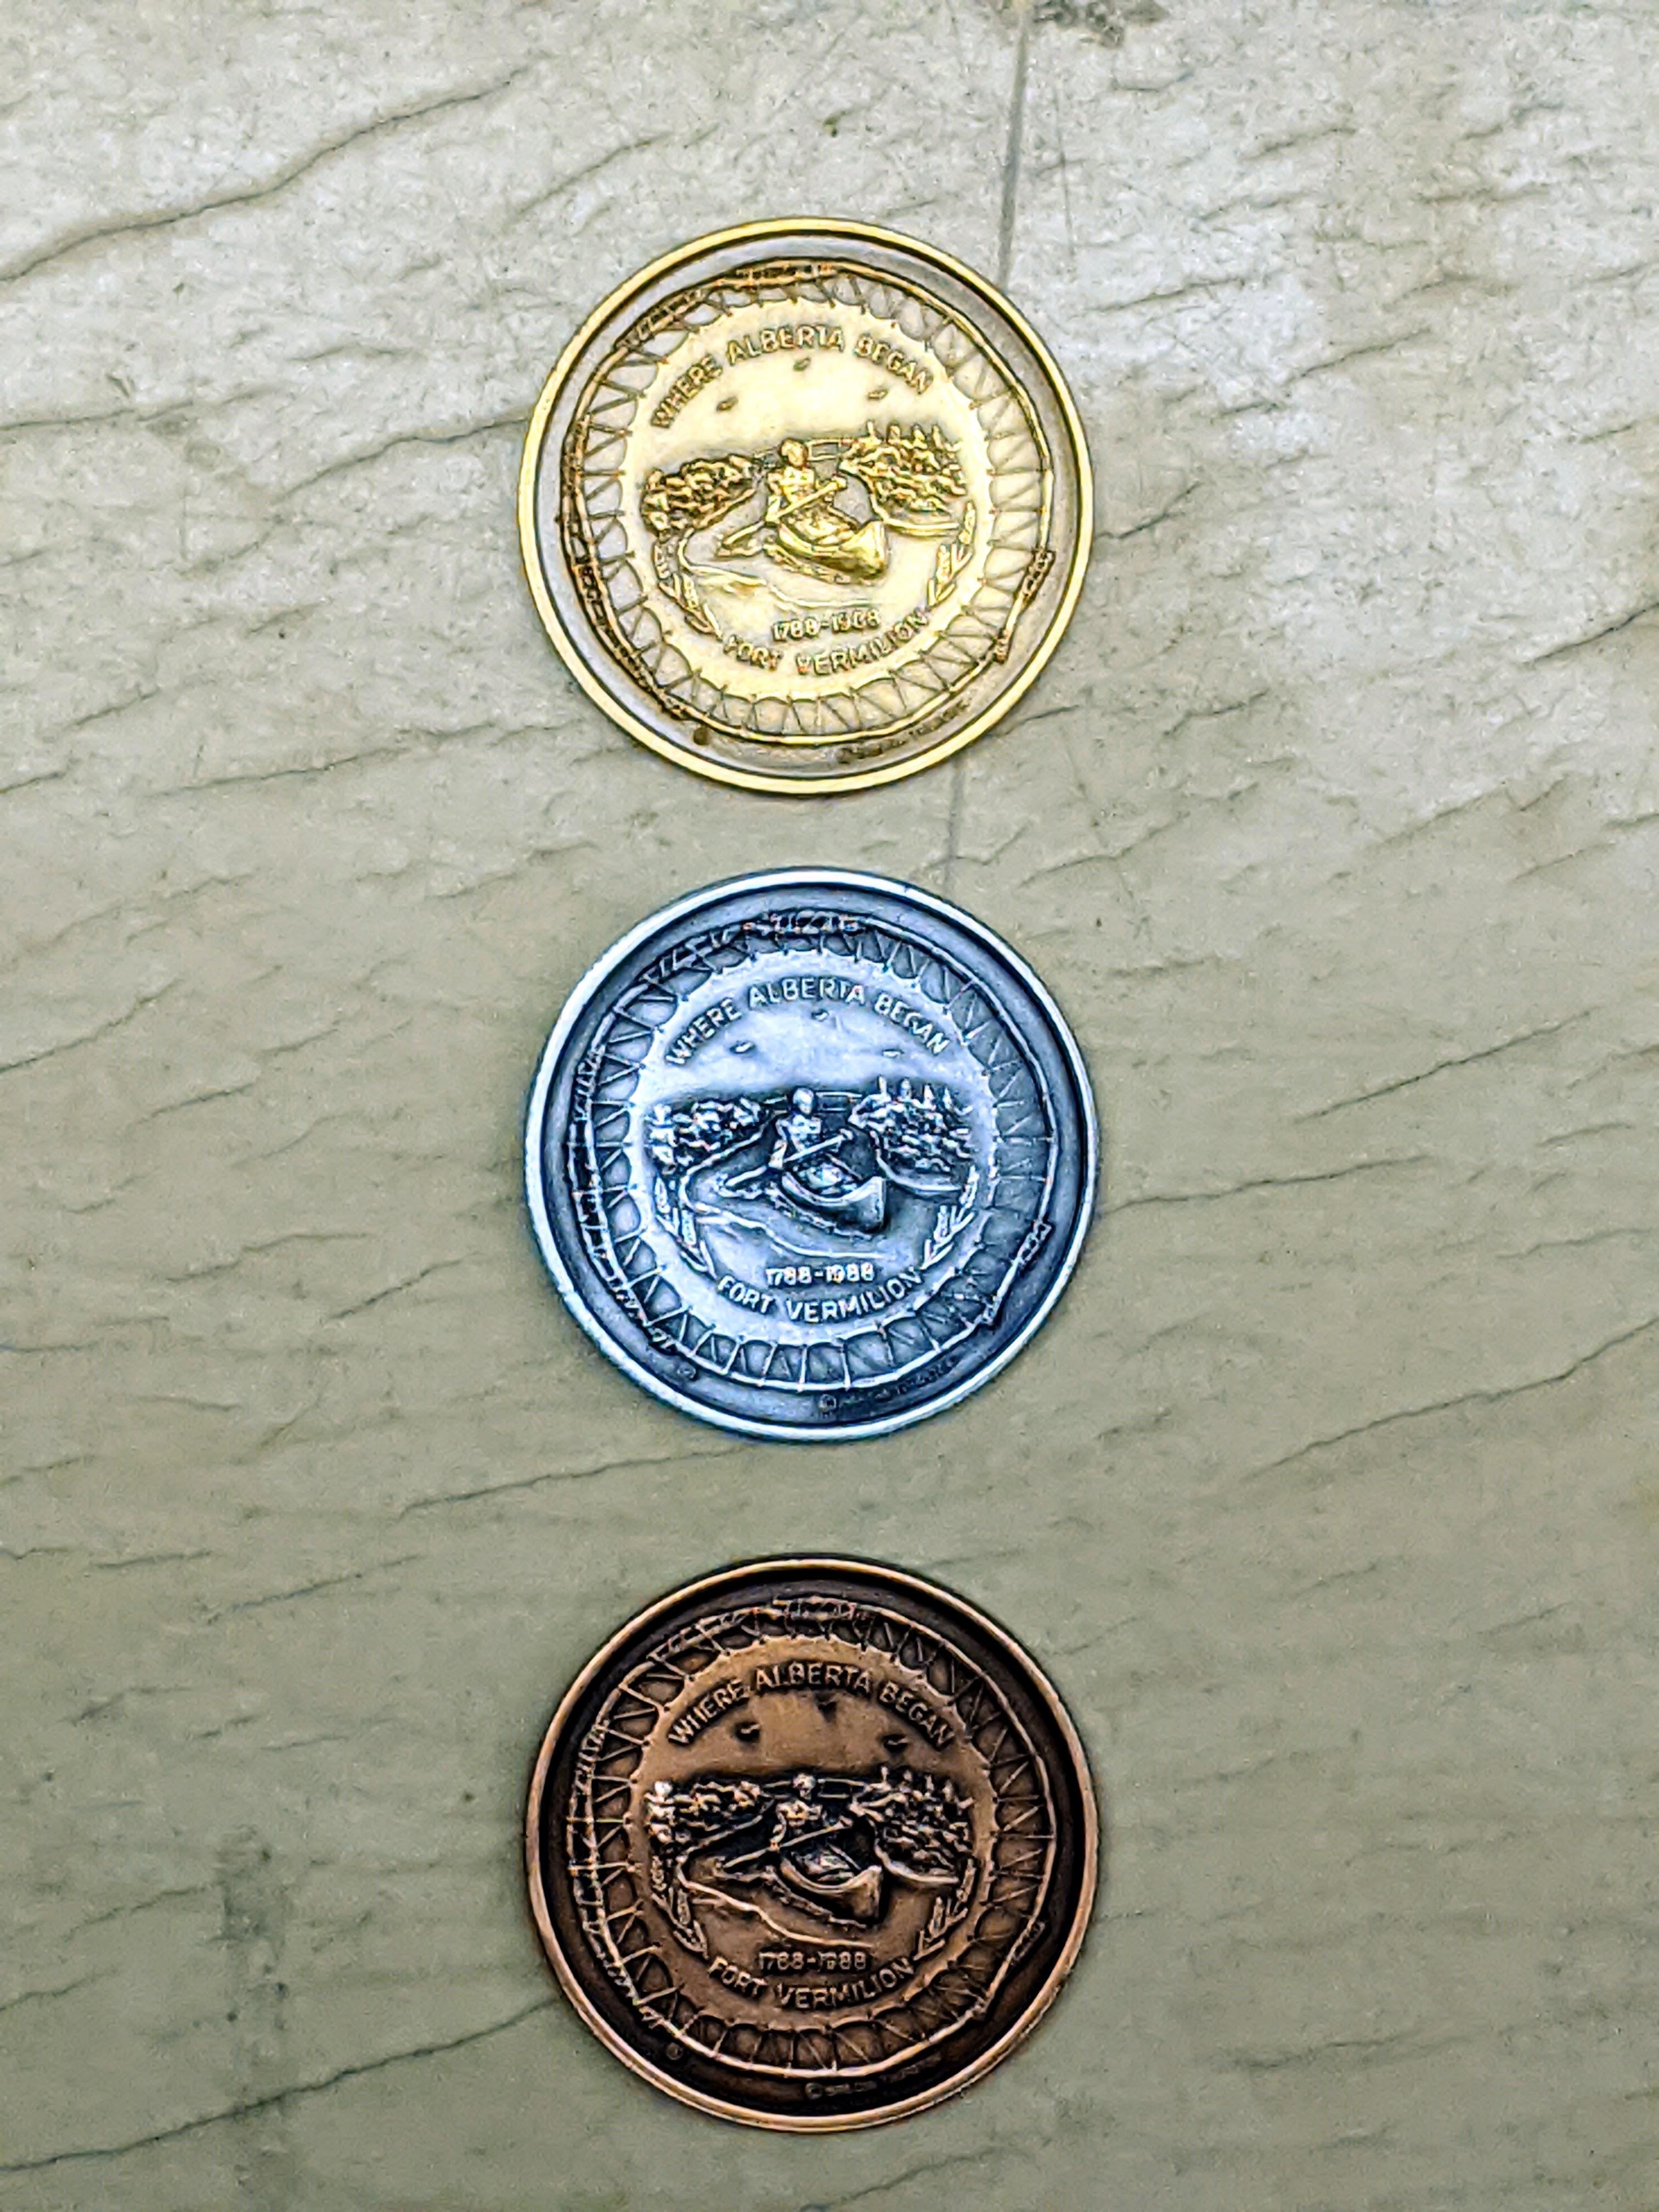 Collector coins